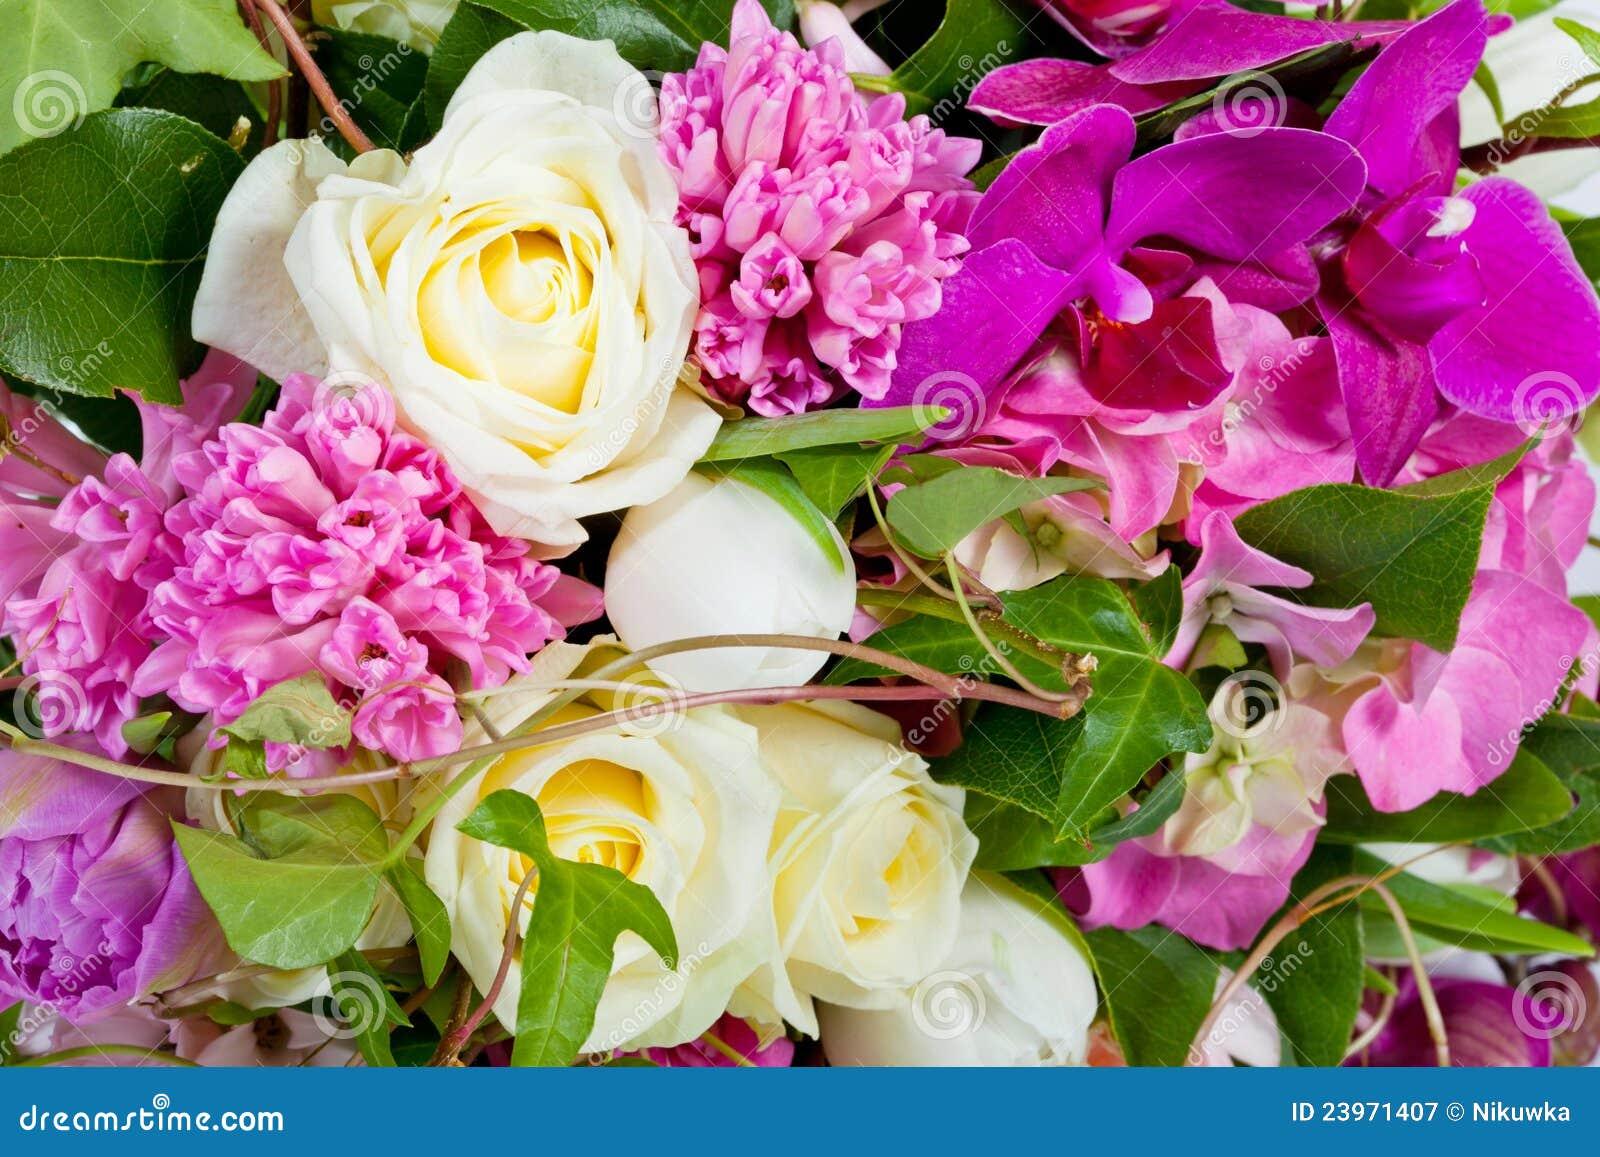 Blumen getrennt auf weißem Hintergrund